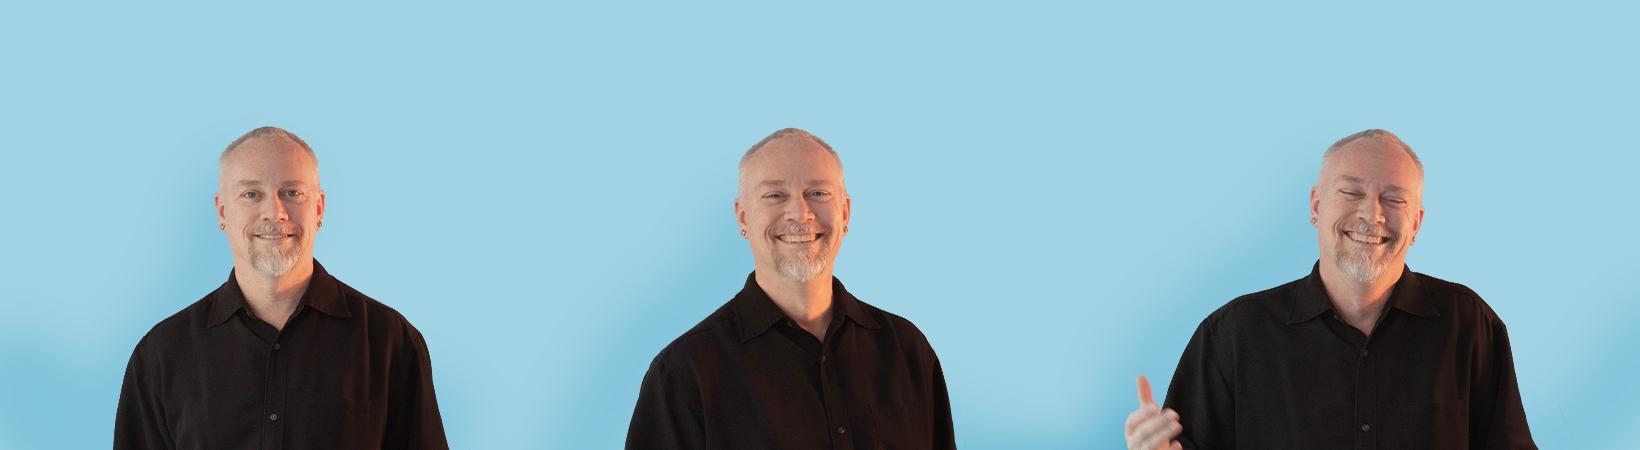 Robb Wojerski